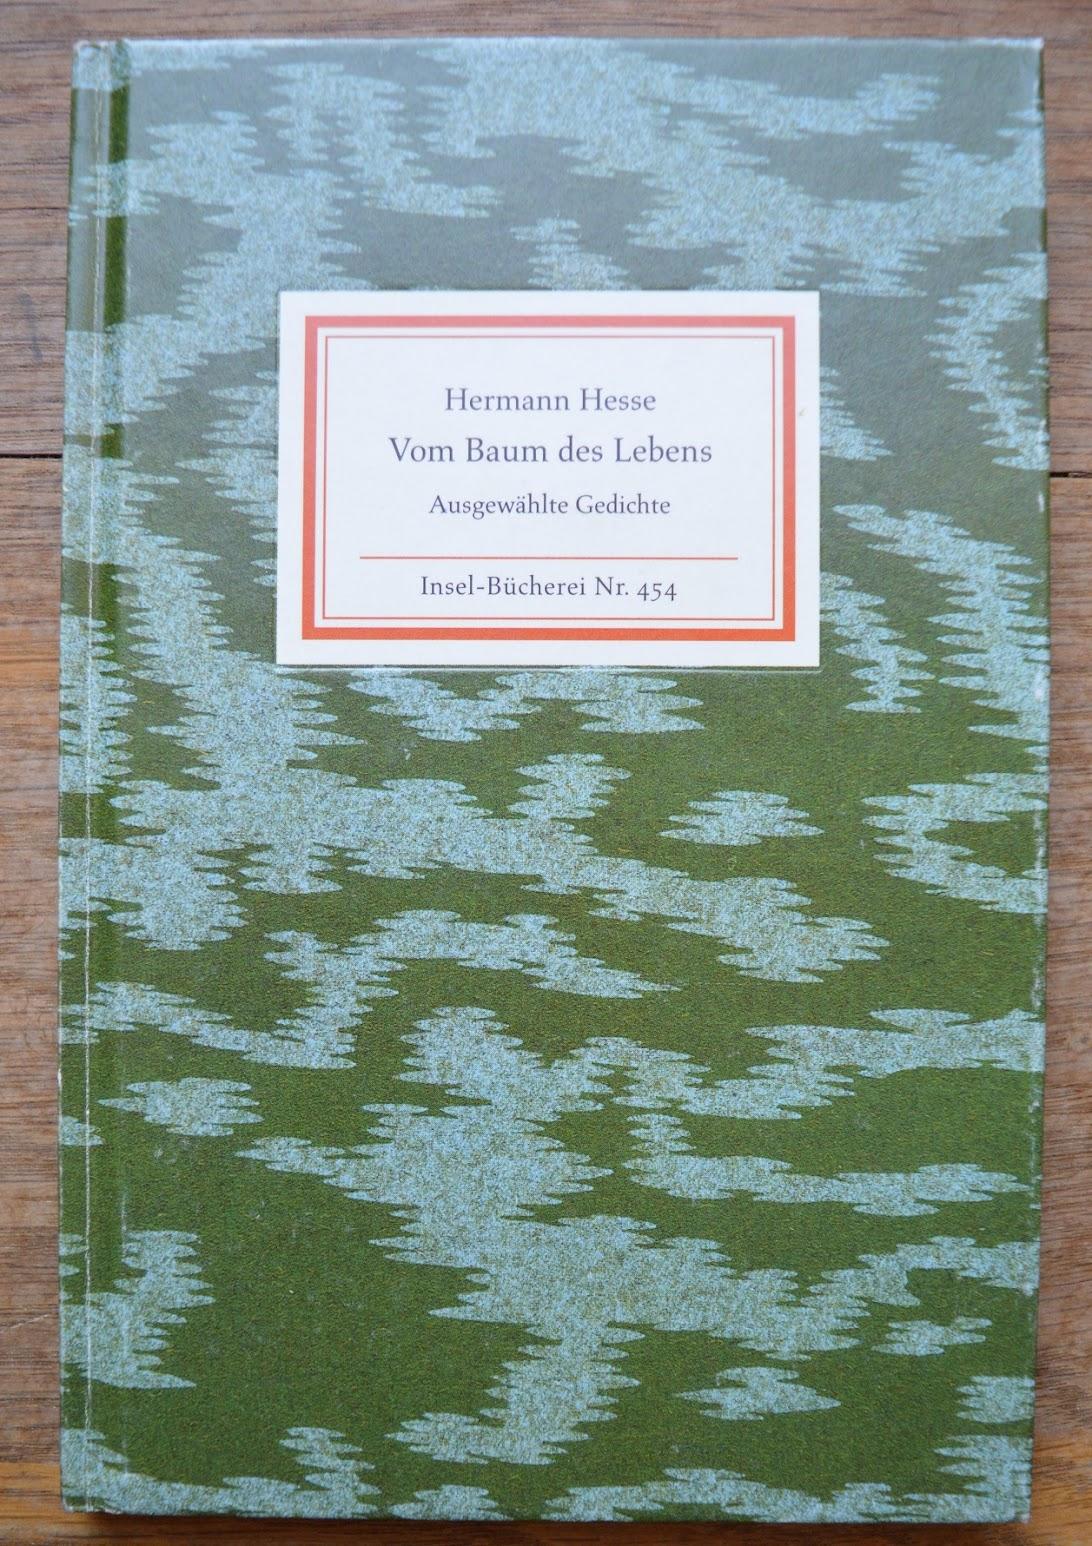 Insel-Buch - Hermann Hesse - Vom Baum des Lebens